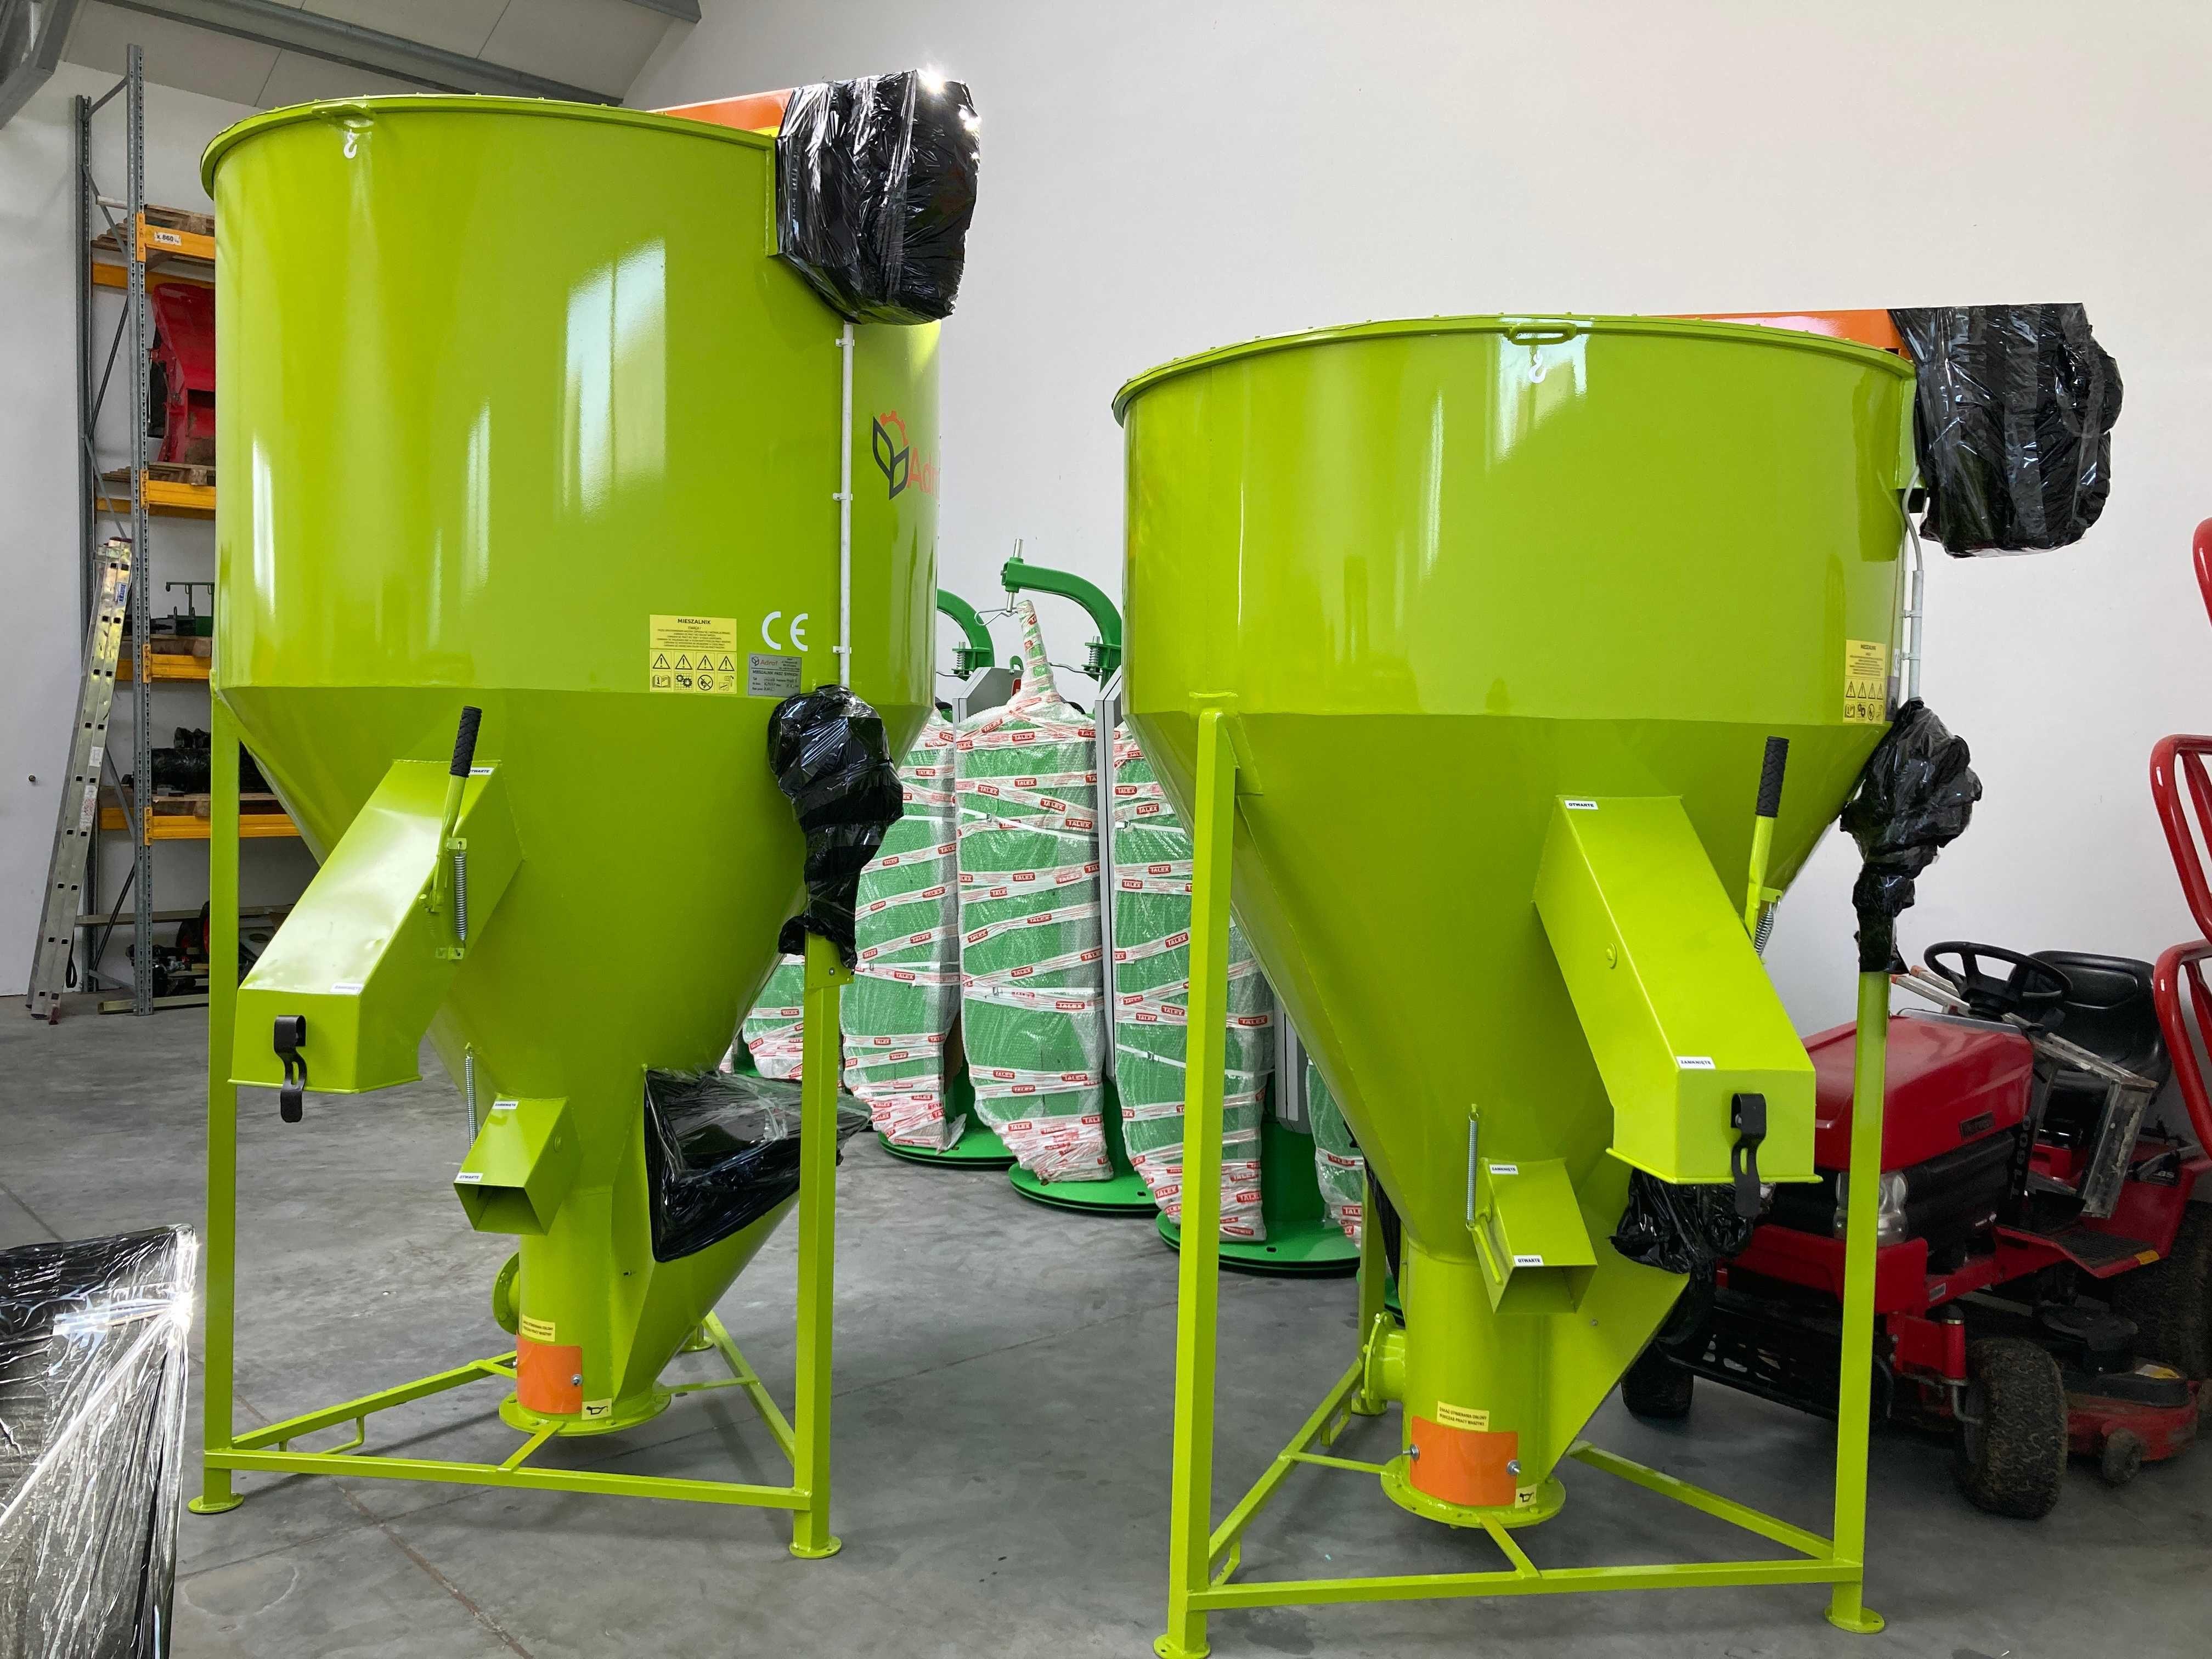 Mieszalnik pasz Twister Adraf 750 kg 1000 kg NOWY 2021 OKAZJA